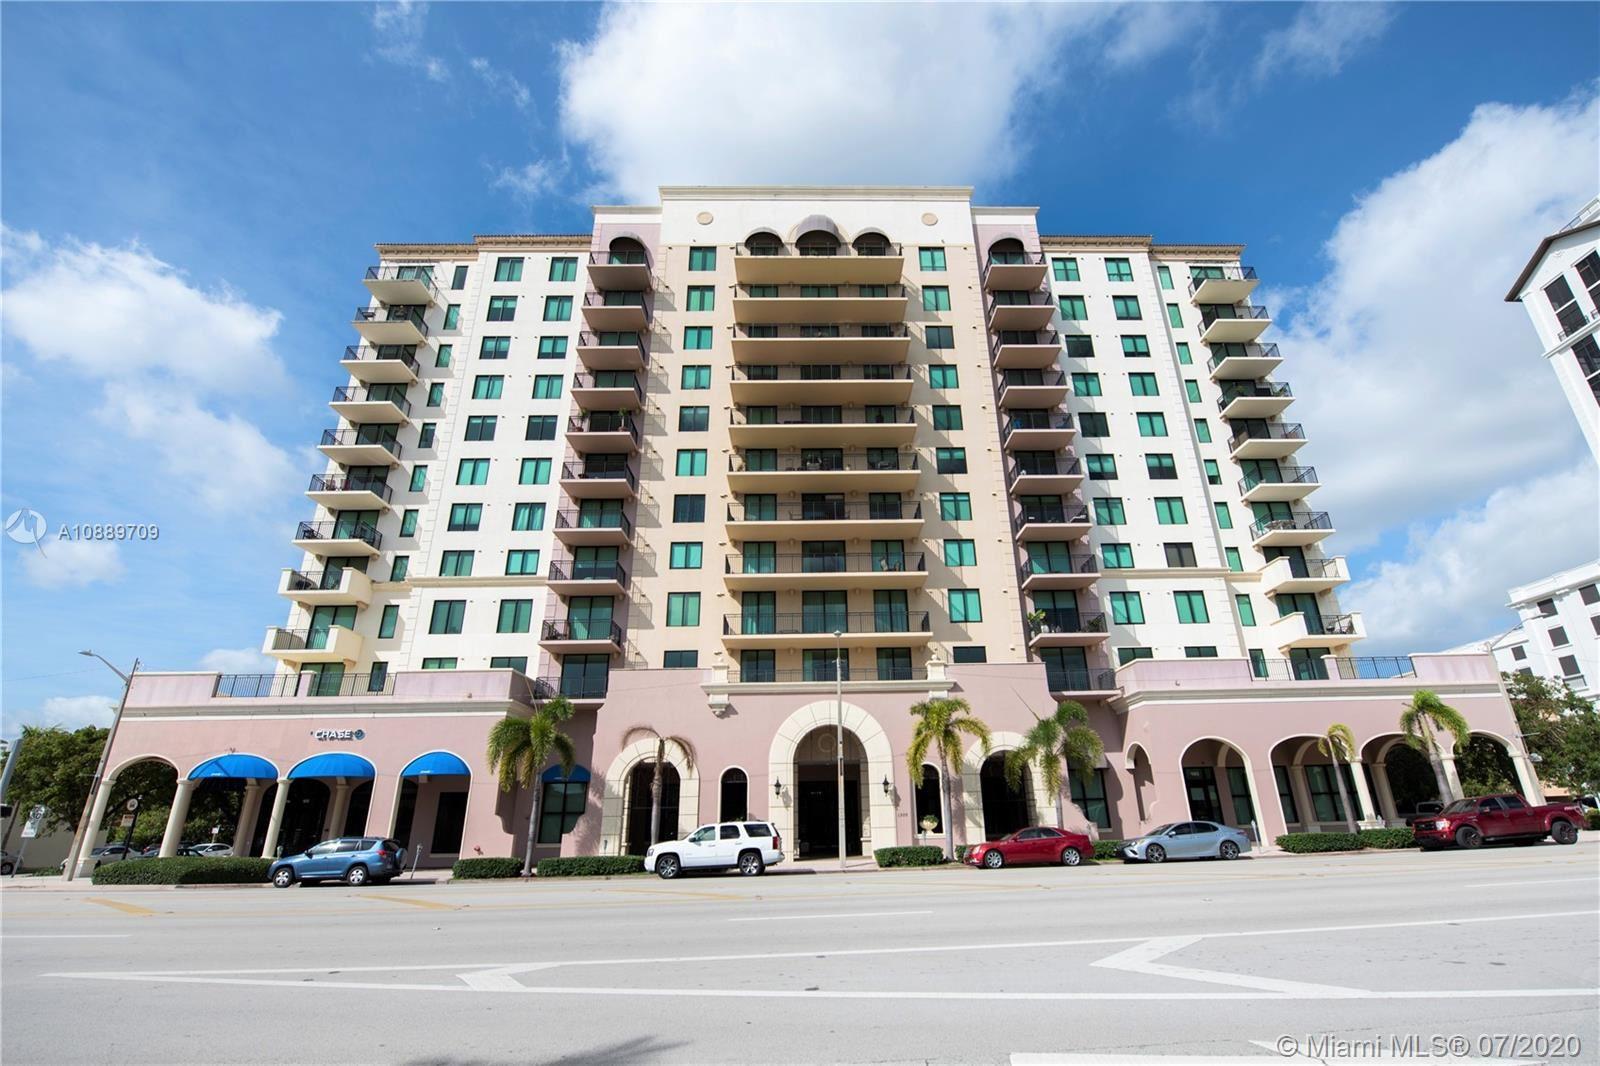 1300 Ponce de leon blvd #906, Coral Gables, FL 33134 - #: A10889709